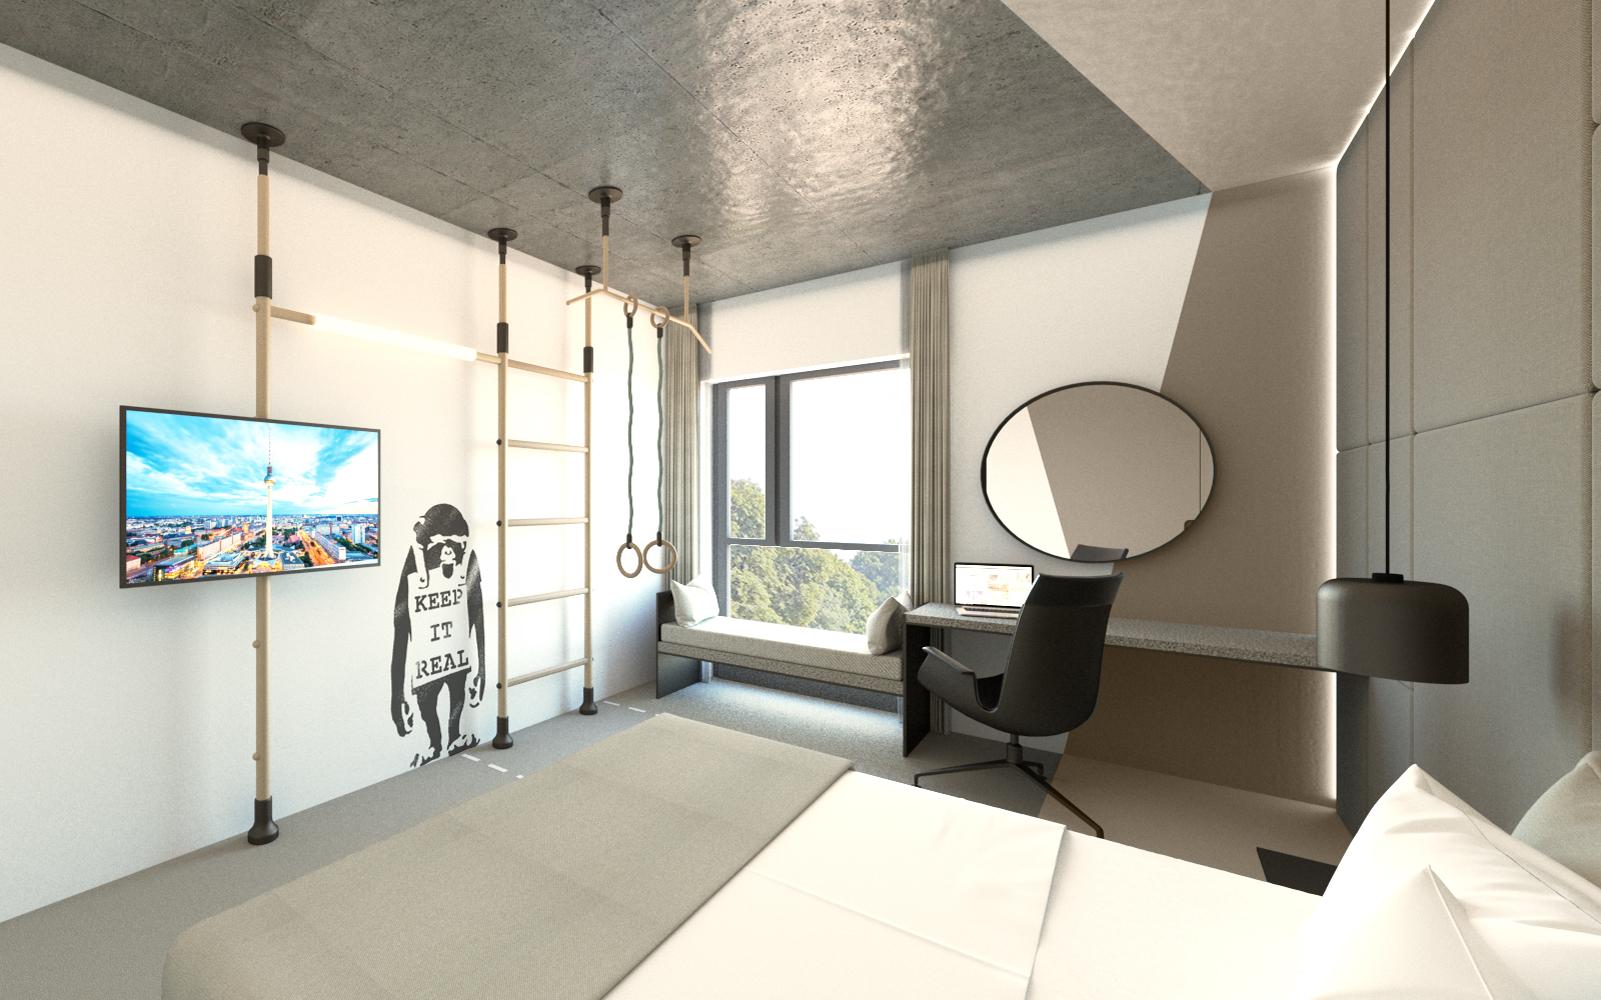 originell flexibel und smart ein statement zum hoteldesign dia dittel architekten. Black Bedroom Furniture Sets. Home Design Ideas